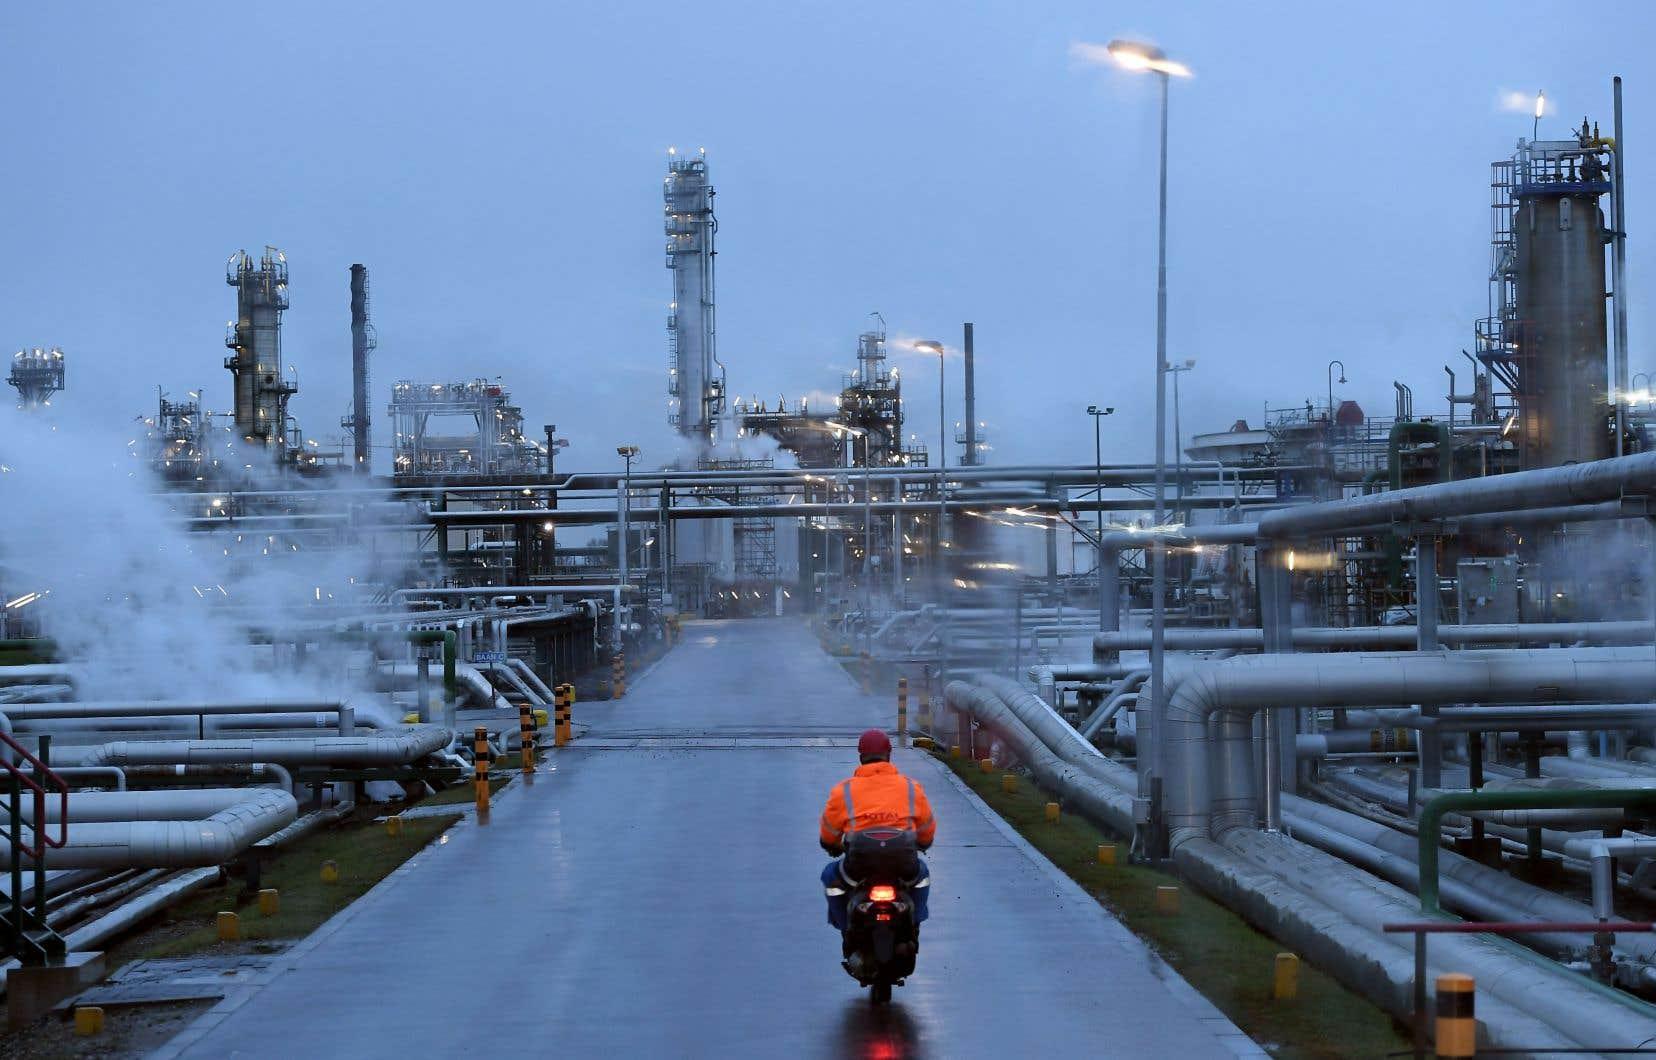 Des installations de raffinage du groupe pétrolier et gazier Total à Anvers, en Belgique